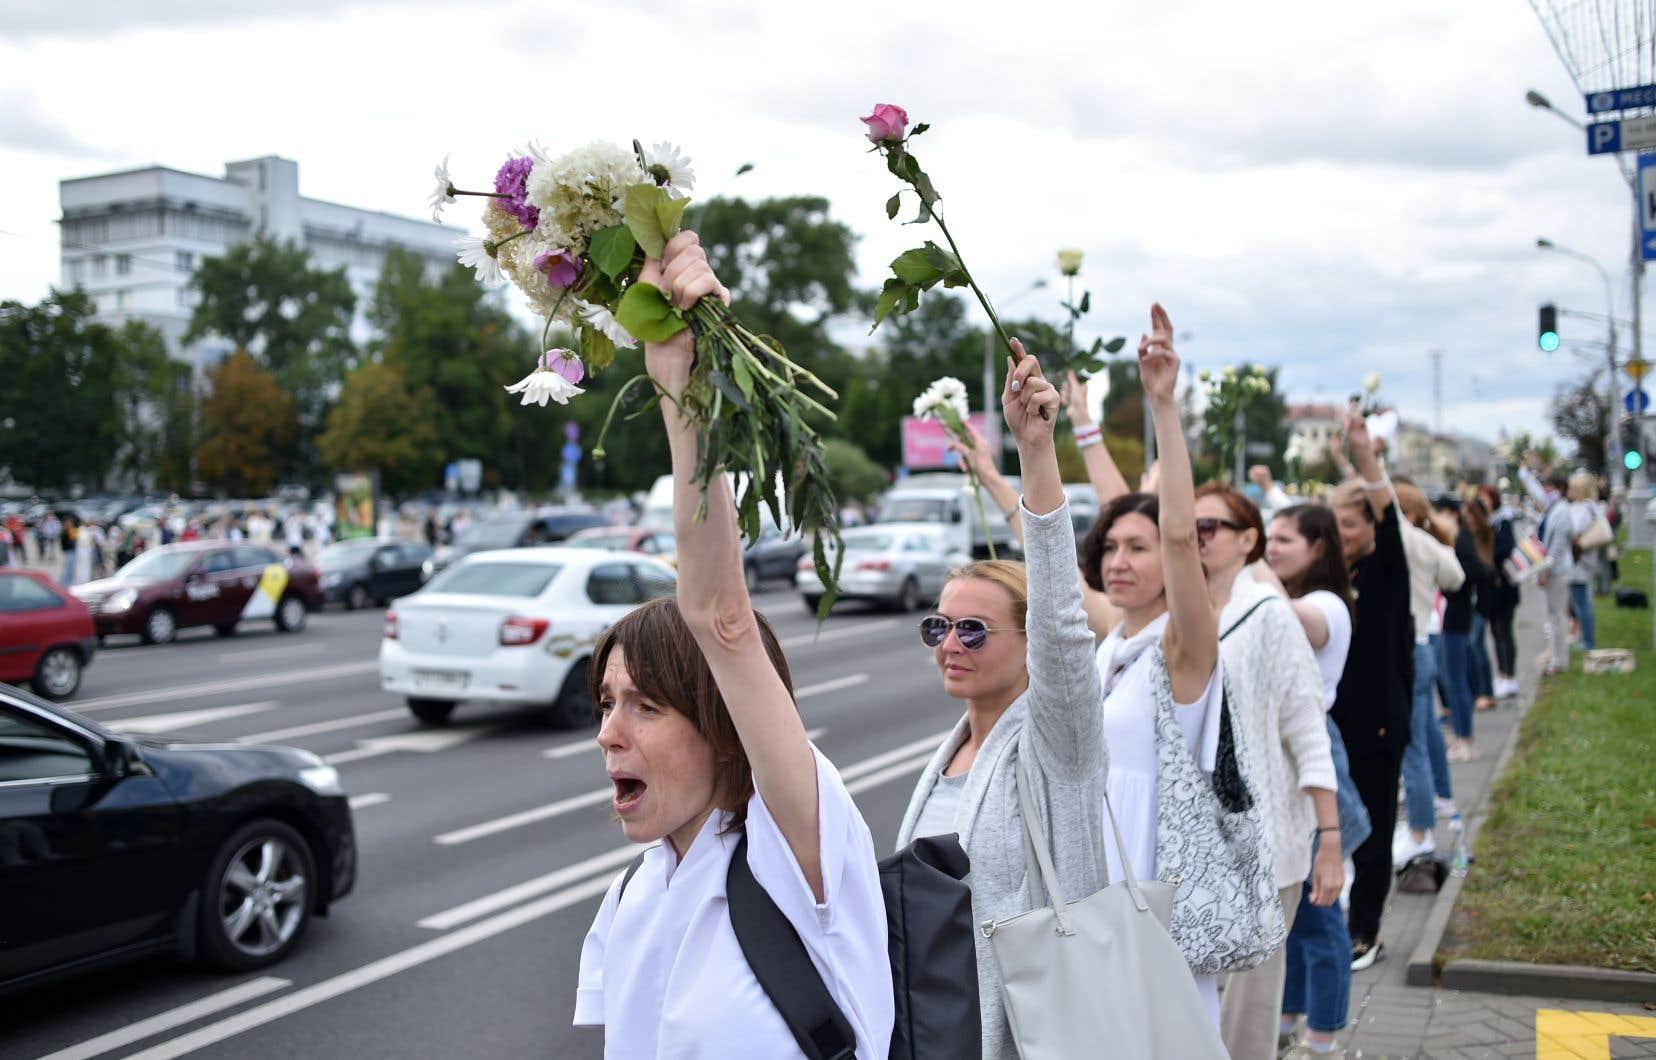 Jeudi, à Minsk, des dizaines de personnes sortaient pour le deuxième jour consécutif en ordre dispersé pour constituer d'éphémères chaînes humaines pacifiques pour protester contre la répression violente des manifestations nocturnes.